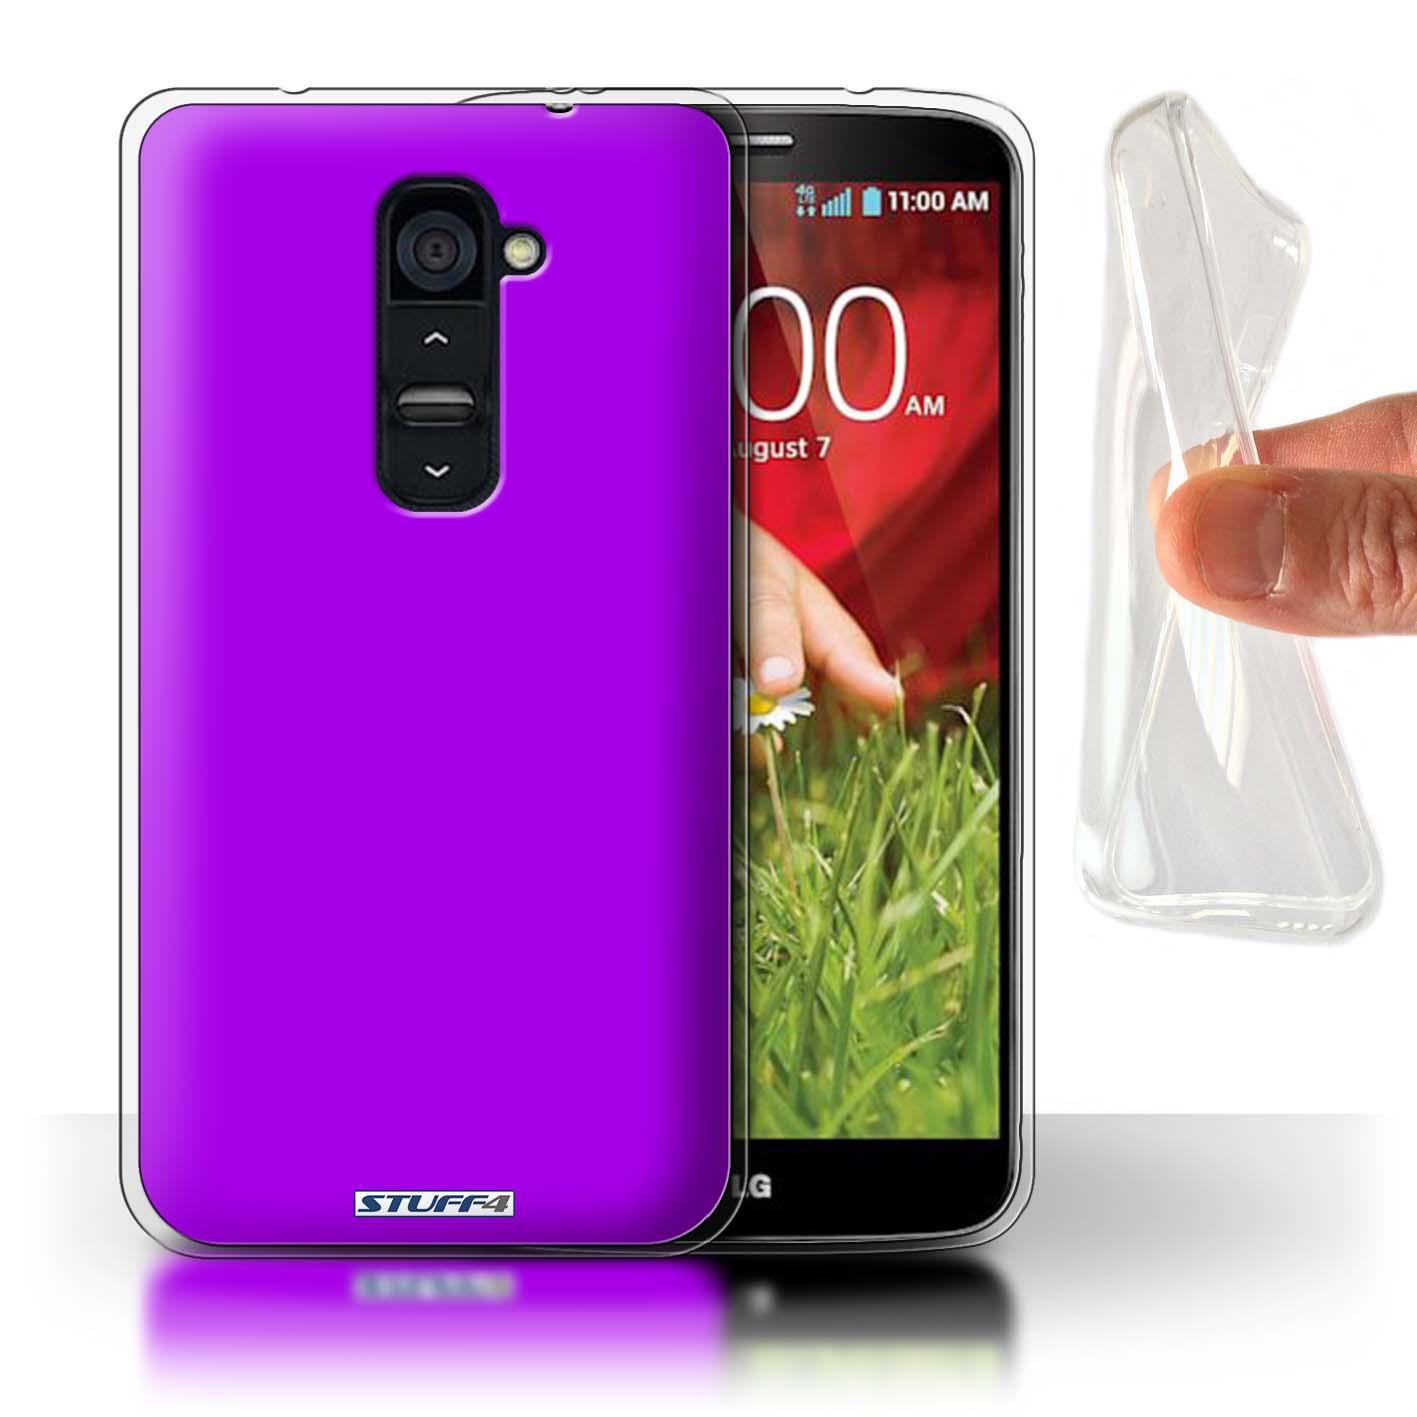 STUFF4-Gel-TPU-etui-pour-telePhone-LG-G-Smartphone-Couleurs-Housse-De-Protection